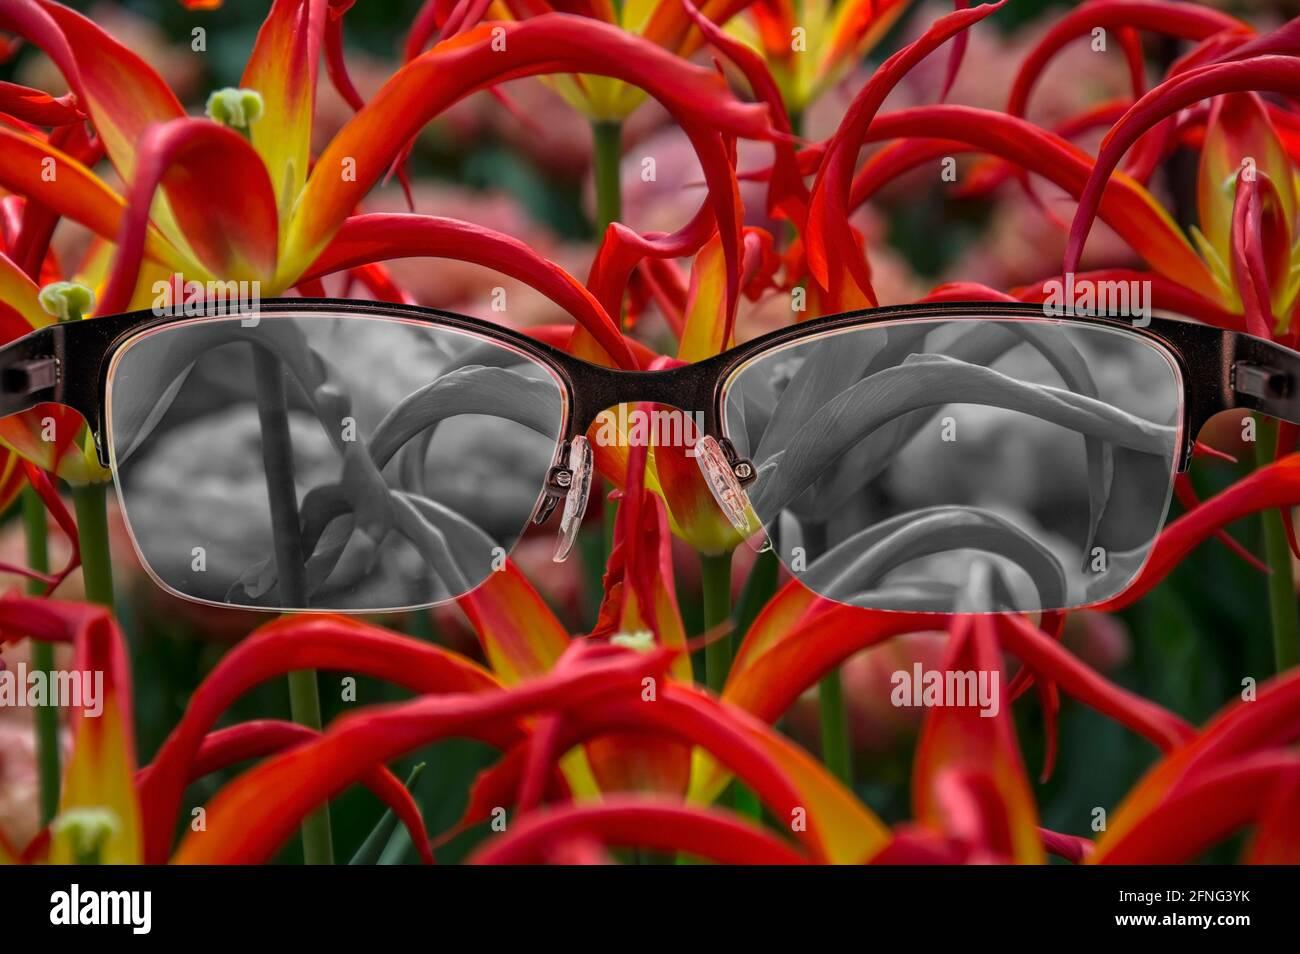 Regarder à travers des lunettes aux tulipes noires et blanches focalisées dans les lunettes pour femmes. Cécité des couleurs. Perception du monde pendant la dépression. Condition médicale. Banque D'Images